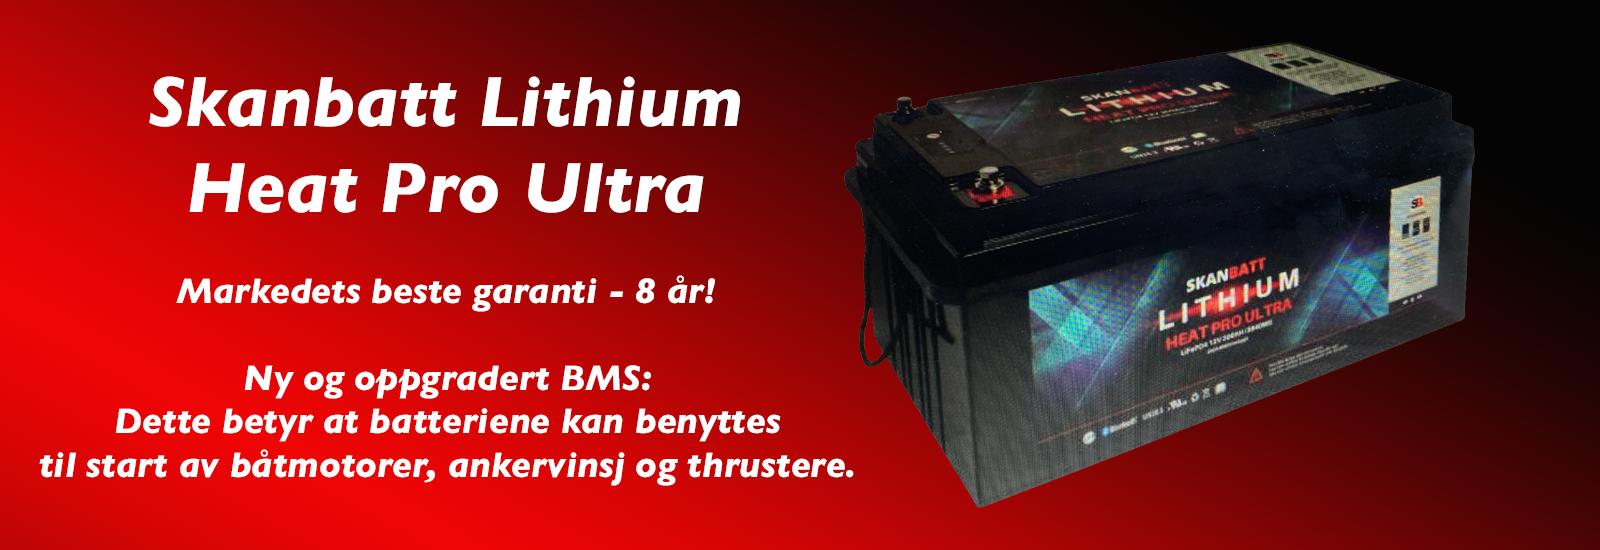 Skanbatt Lithium Heat Pro Ultra